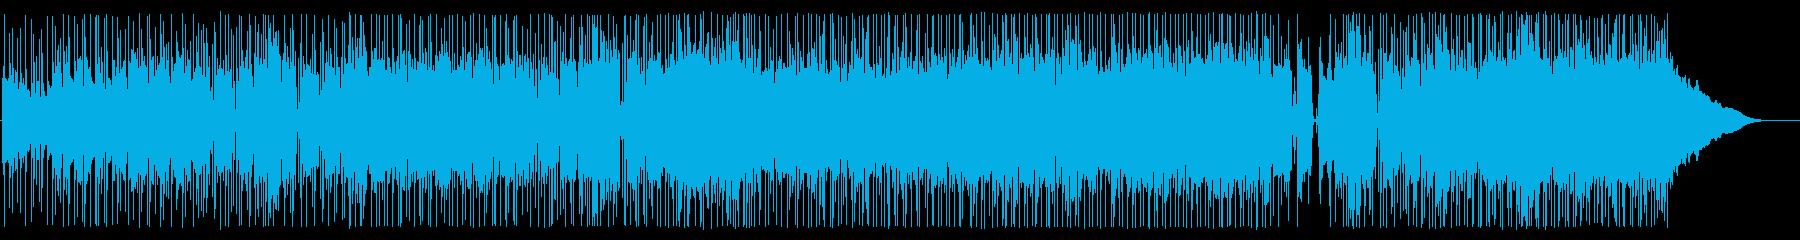 楽しくエネルギッシュな、ほっそりし...の再生済みの波形